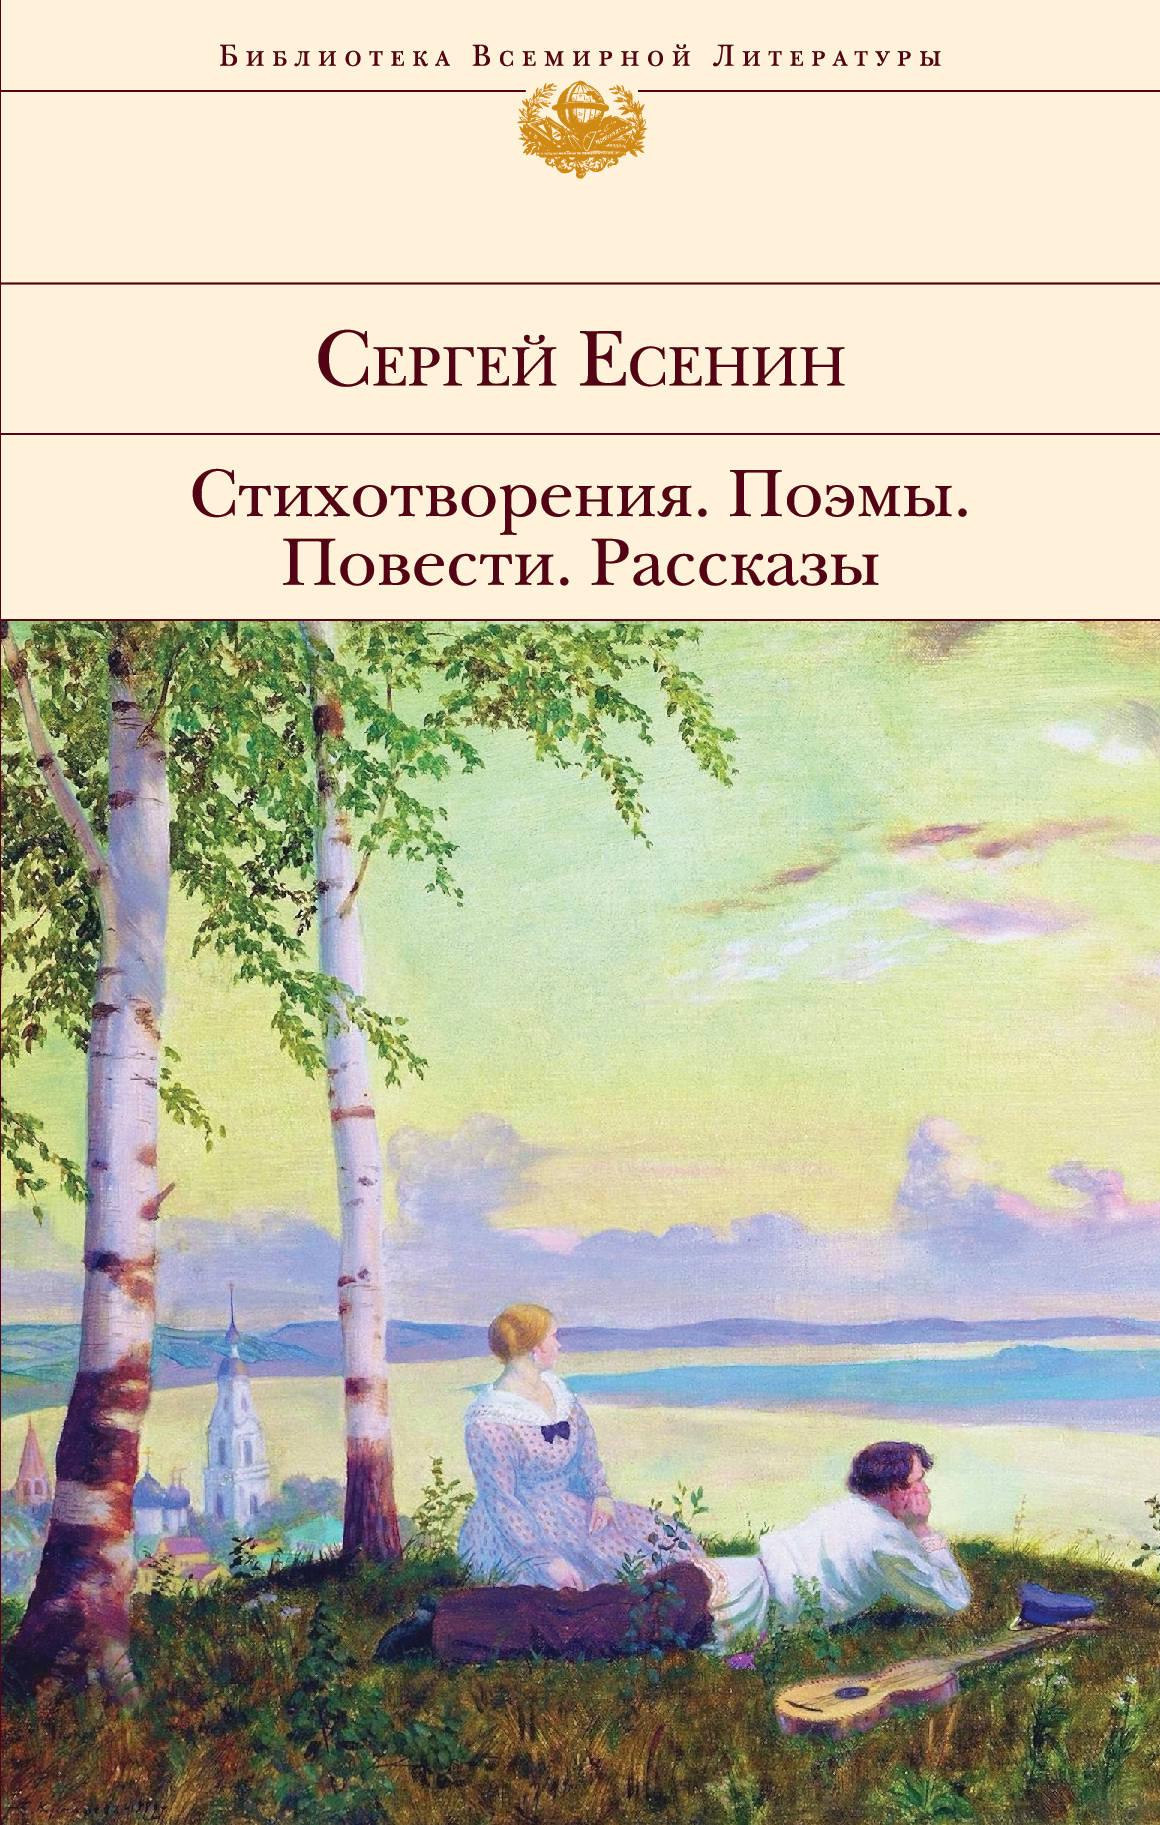 Сергей Есенин Сергей Есенин. Стихотворения. Поэмы. Повести. Рассказы цена